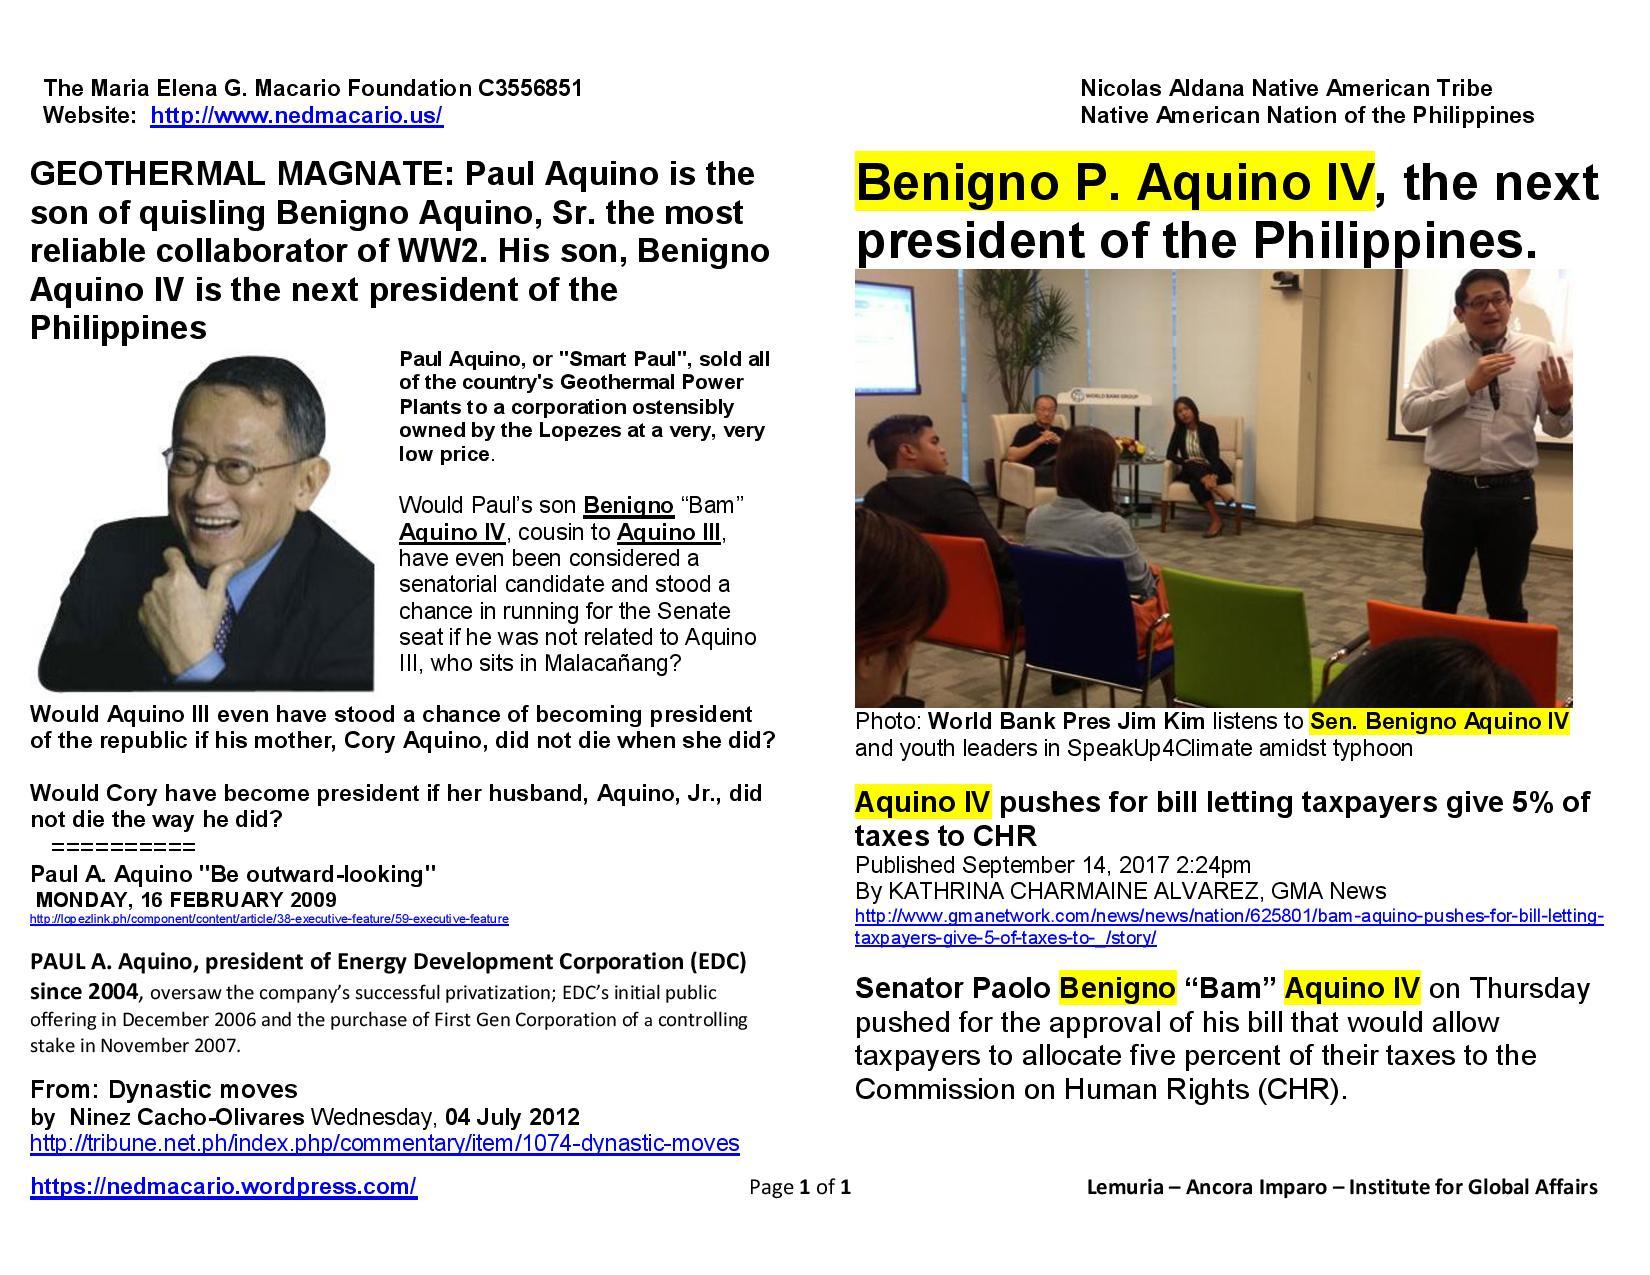 Paul Aquino-Geothermal magnate & son, future President Benigno Aquino IV 09-15-17